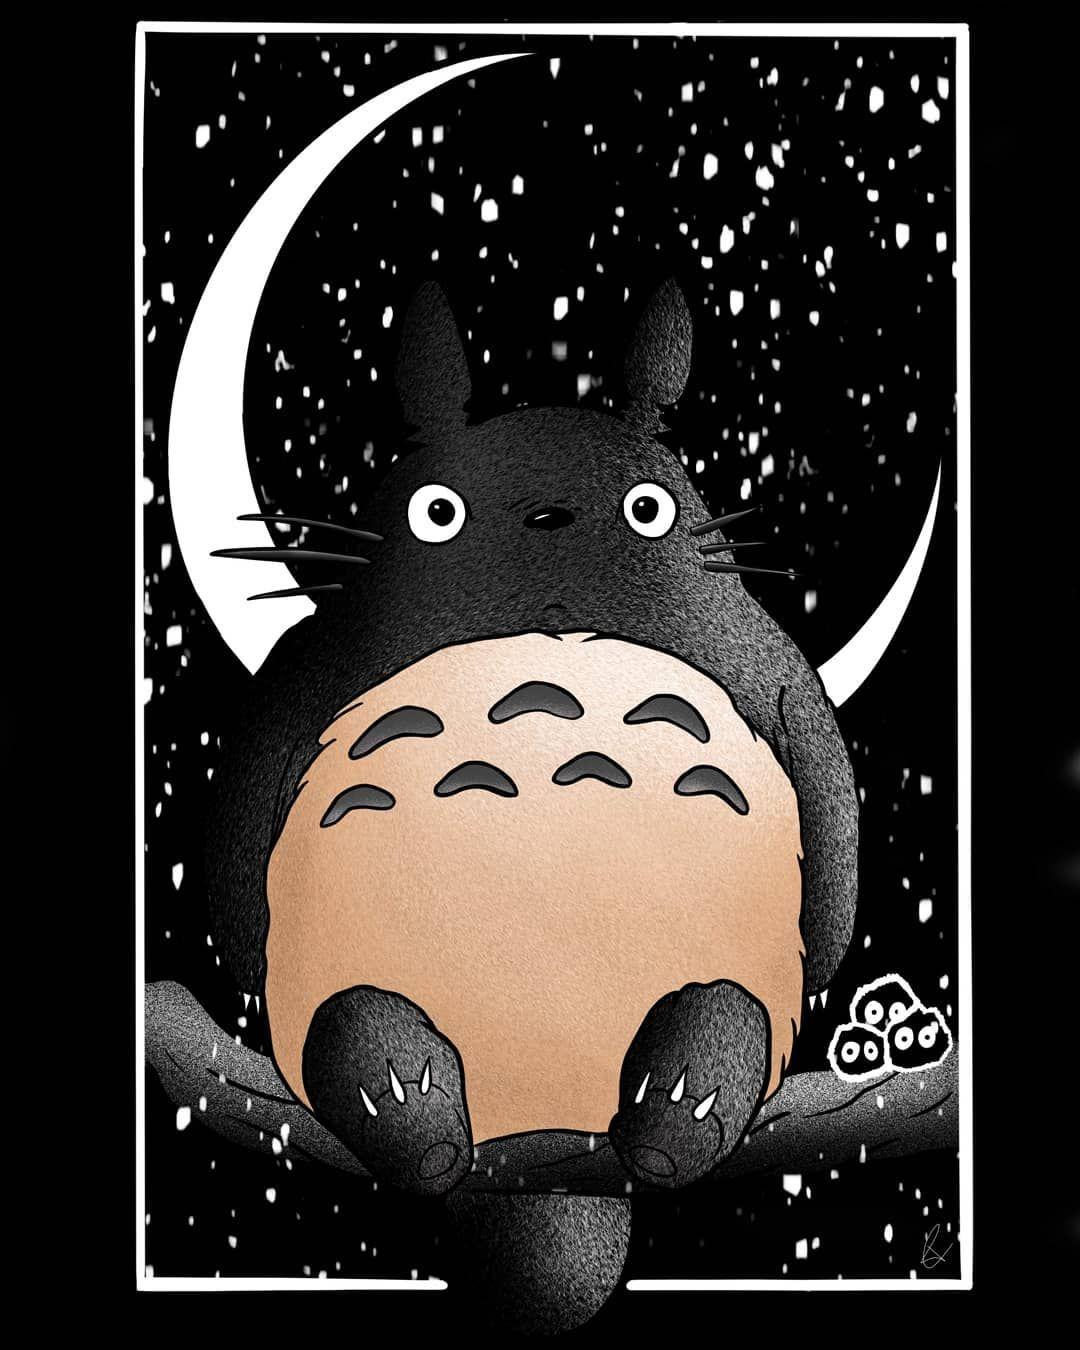 Desenho Fofo Totoro     Encontre este Pin e muitos outros na pasta Tattoo de Tattoo  Wal Desenho Fofo Totoro     Encontre este Pin e muitos outros na pasta Tattoo de Tatt...